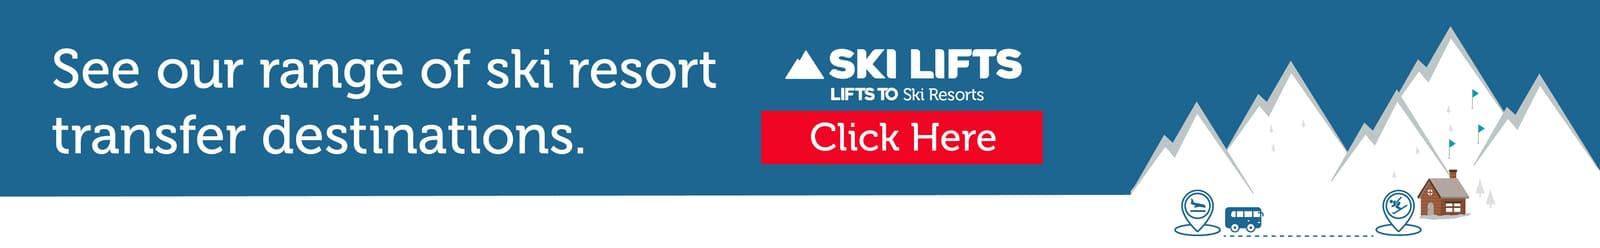 Ski Lifts Ltd transfers Banner